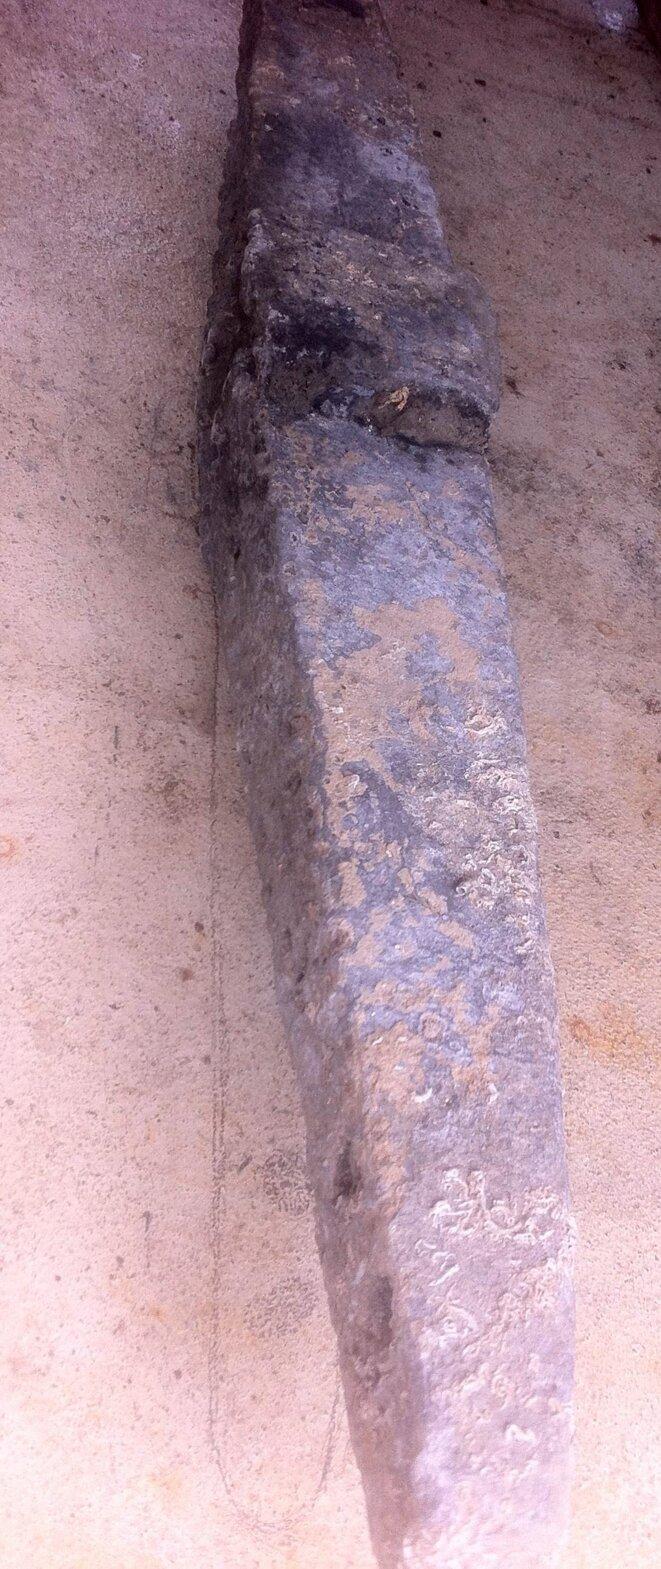 Jas antique sous la table! - campagne de fouilles en Camargue - épave SM22 © P. Polomé